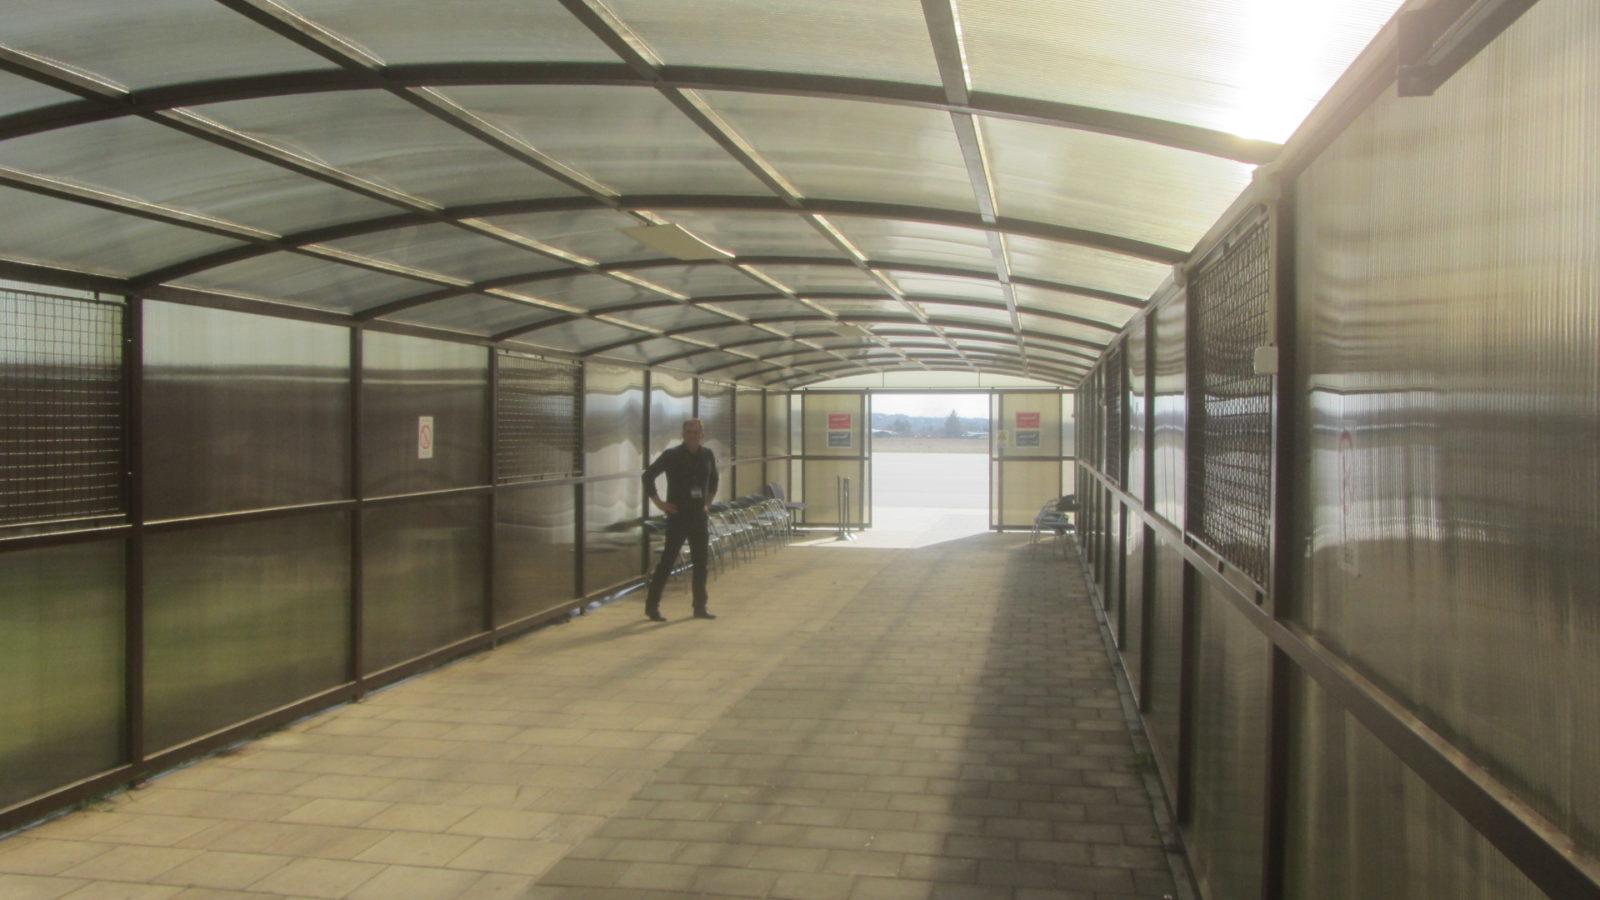 А аеродром је лоцирао још 10 линија које је процијенио као  високопрофитабилне и нискоризичне по потенцијалног пријевозника. 794f9d8978106